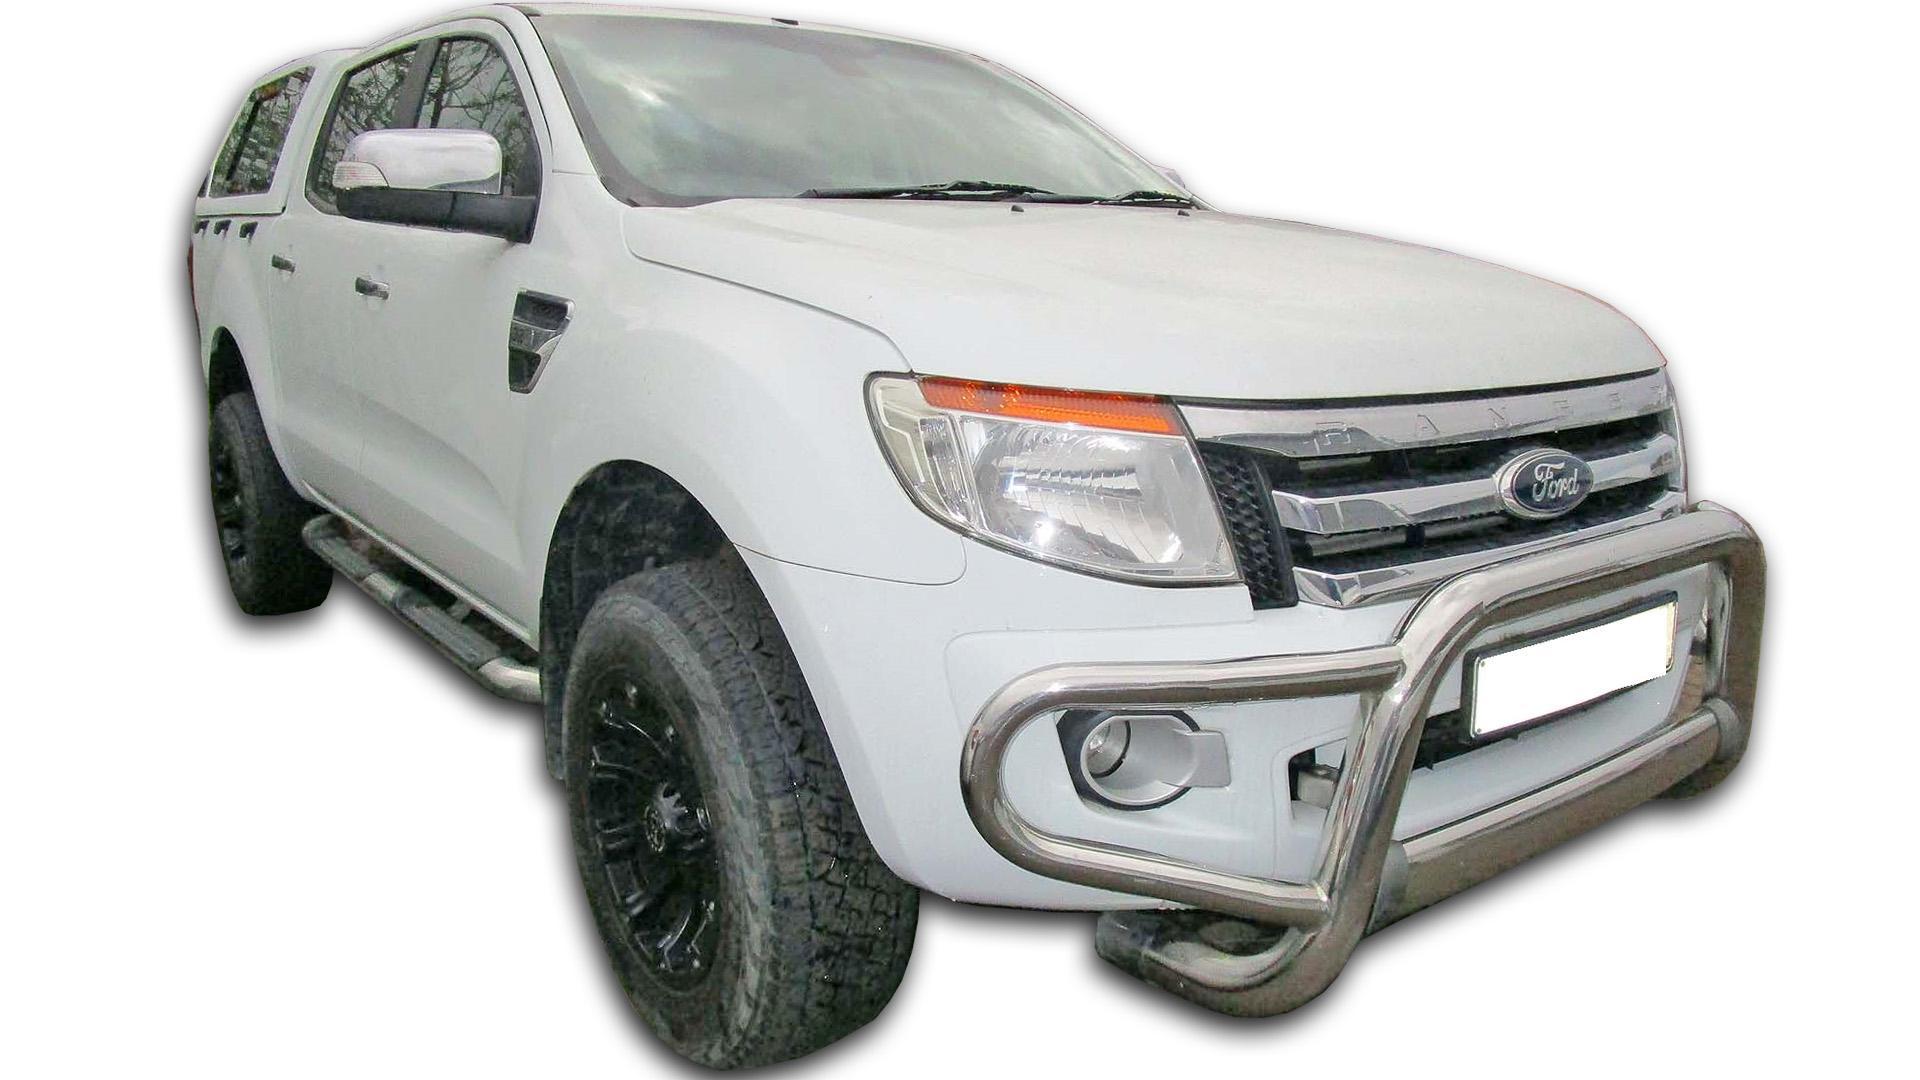 Ford Ranger 3.2 Tdci XLT 4X4